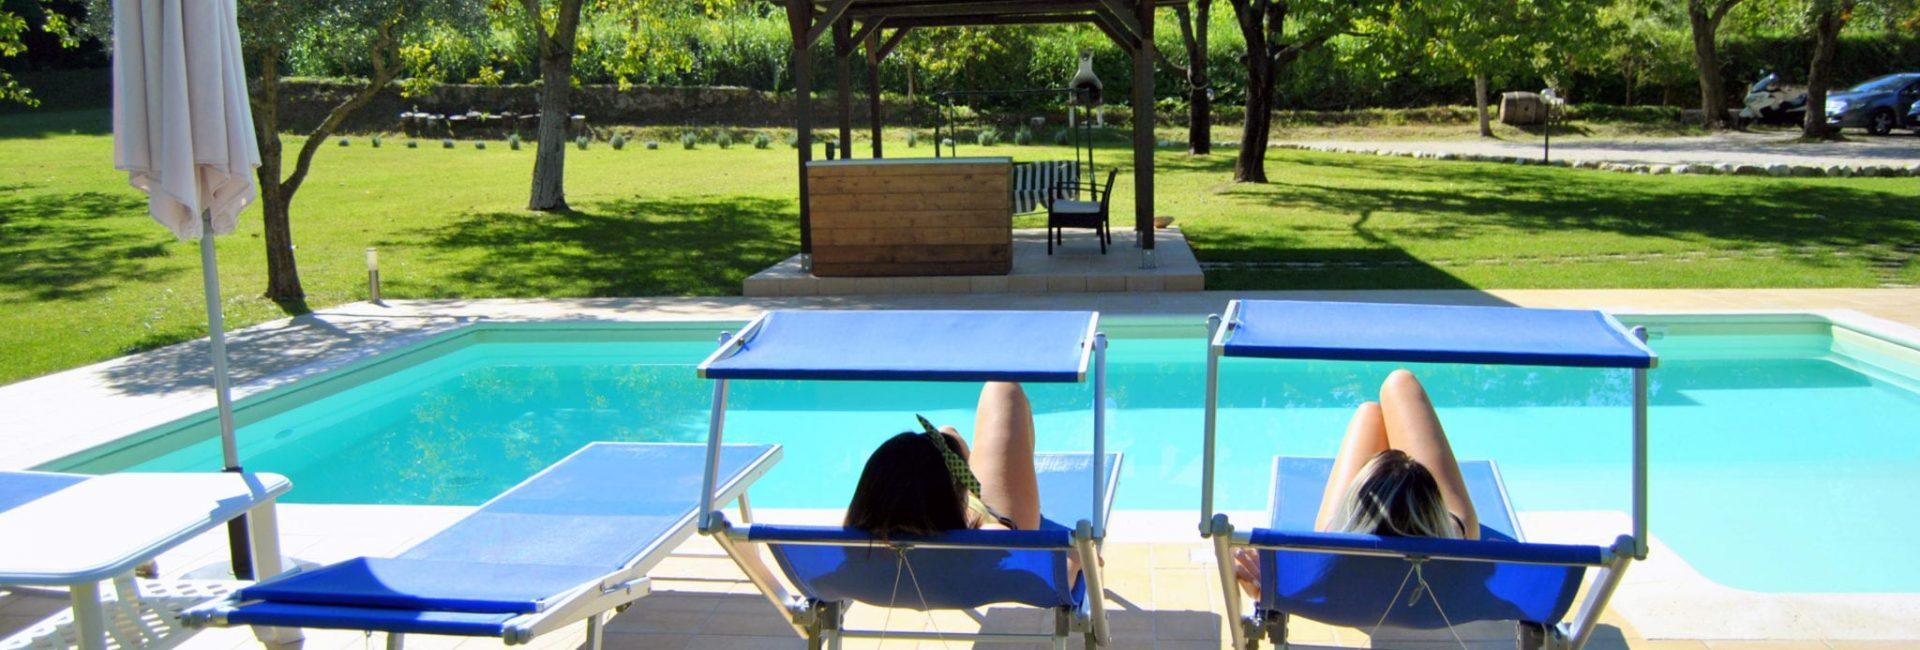 piscina ragazze 1